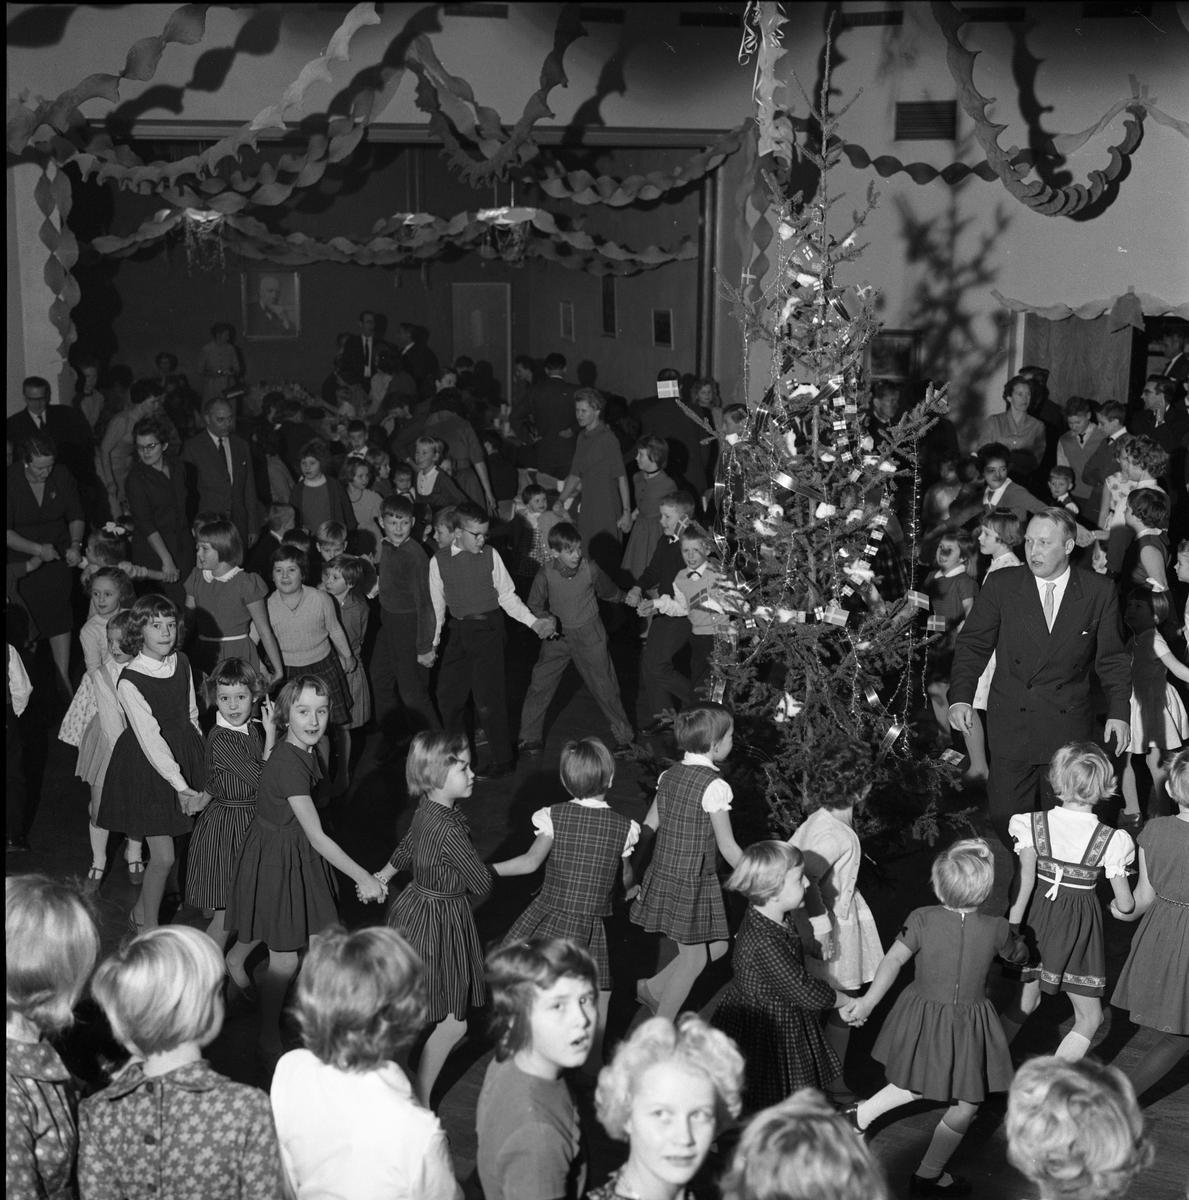 """FCTFs julfest på Folkets Hus Dans kring julgranen, föräldrar och barn, gamla och unga, deltar i  dansleken """"Små grodorna"""". Det är trångt på dansgolvet. Girlanger hänger i taket. Julgransplundring."""